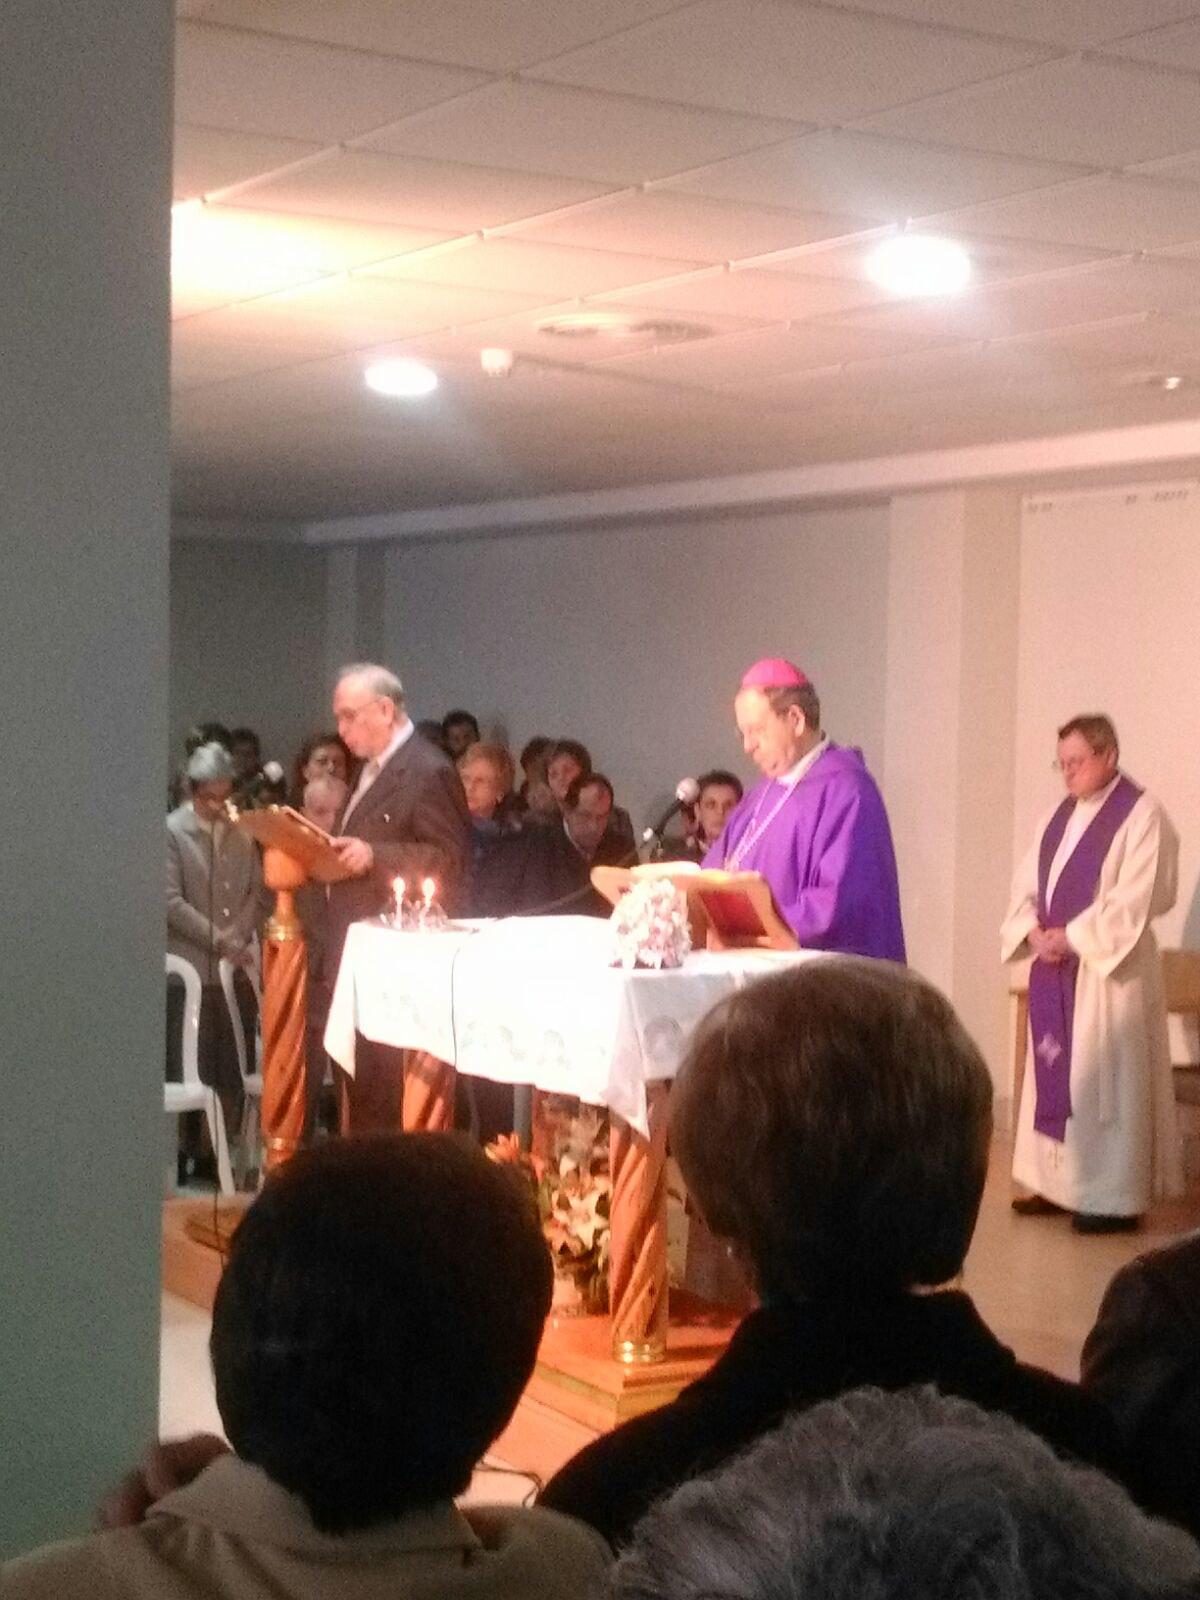 (2016-02-13) - Inauguración Virgen de Lourdes, La Molineta - Pascual Serrano (10)